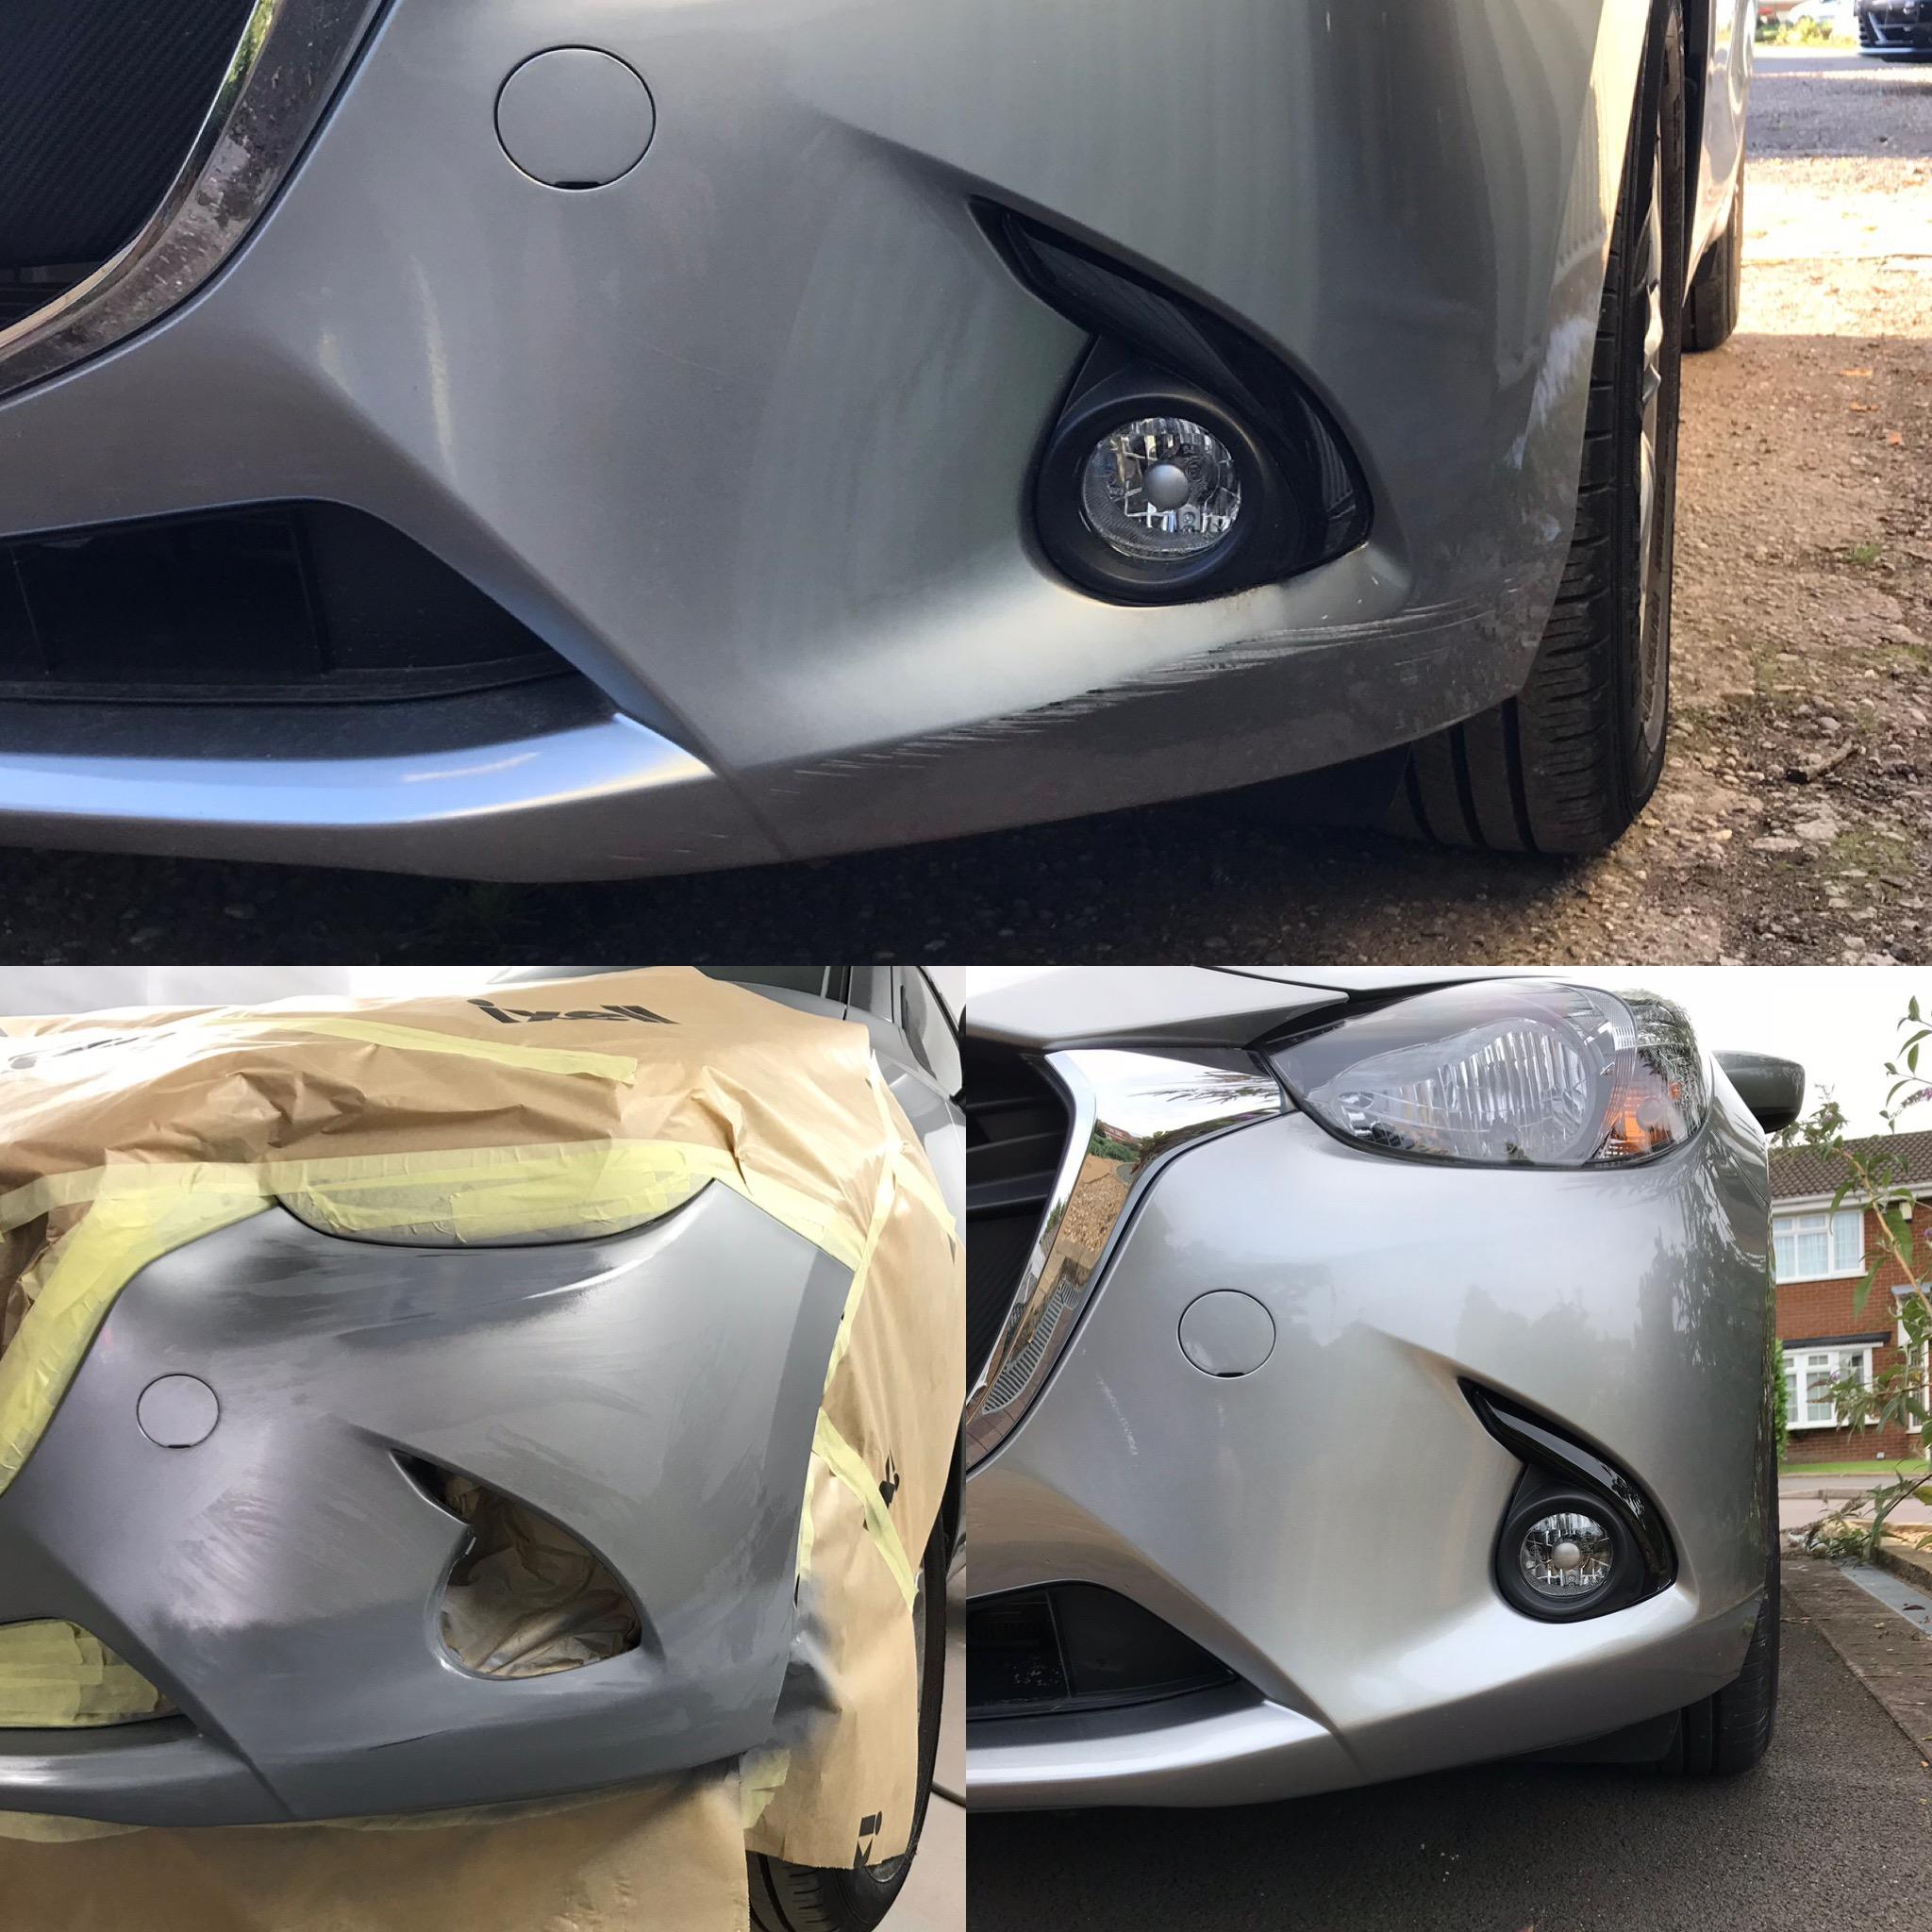 Mazda 2 F. Bumper Scuff Repair